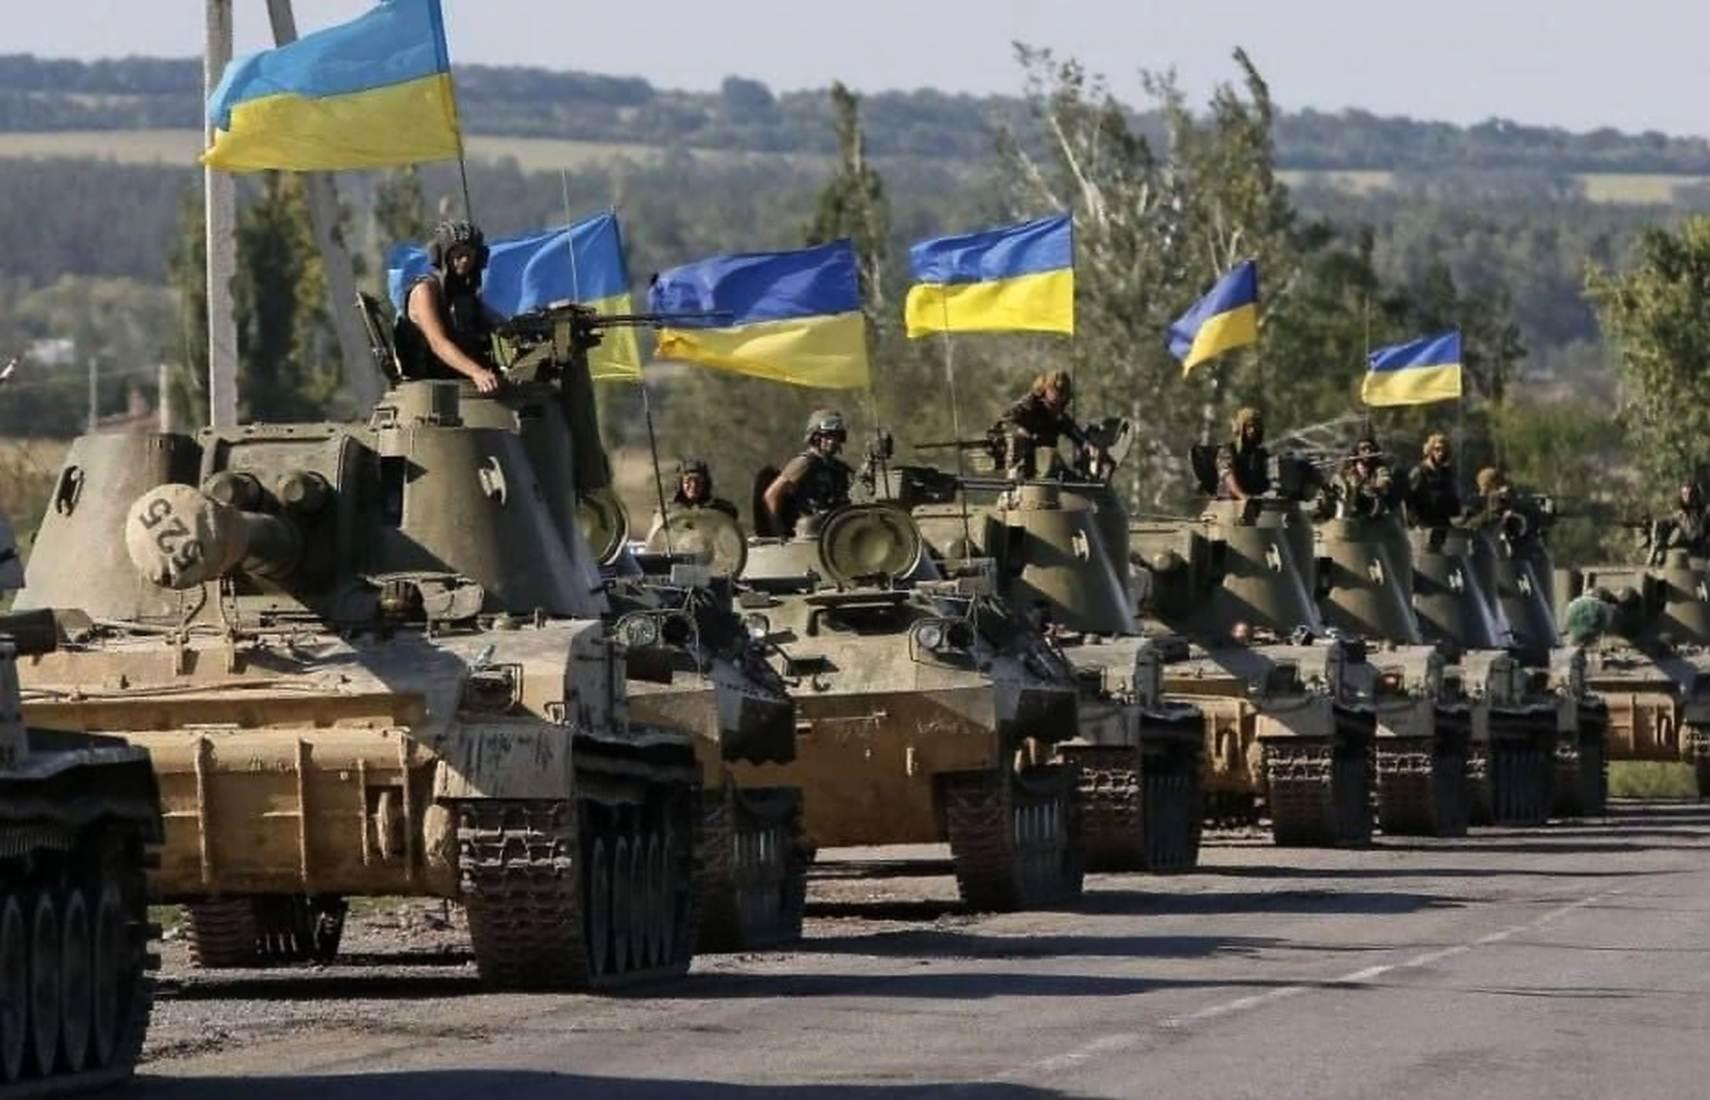 Данилов: Если будет приказ — украинская армия возьмёт Донецк и Луганск